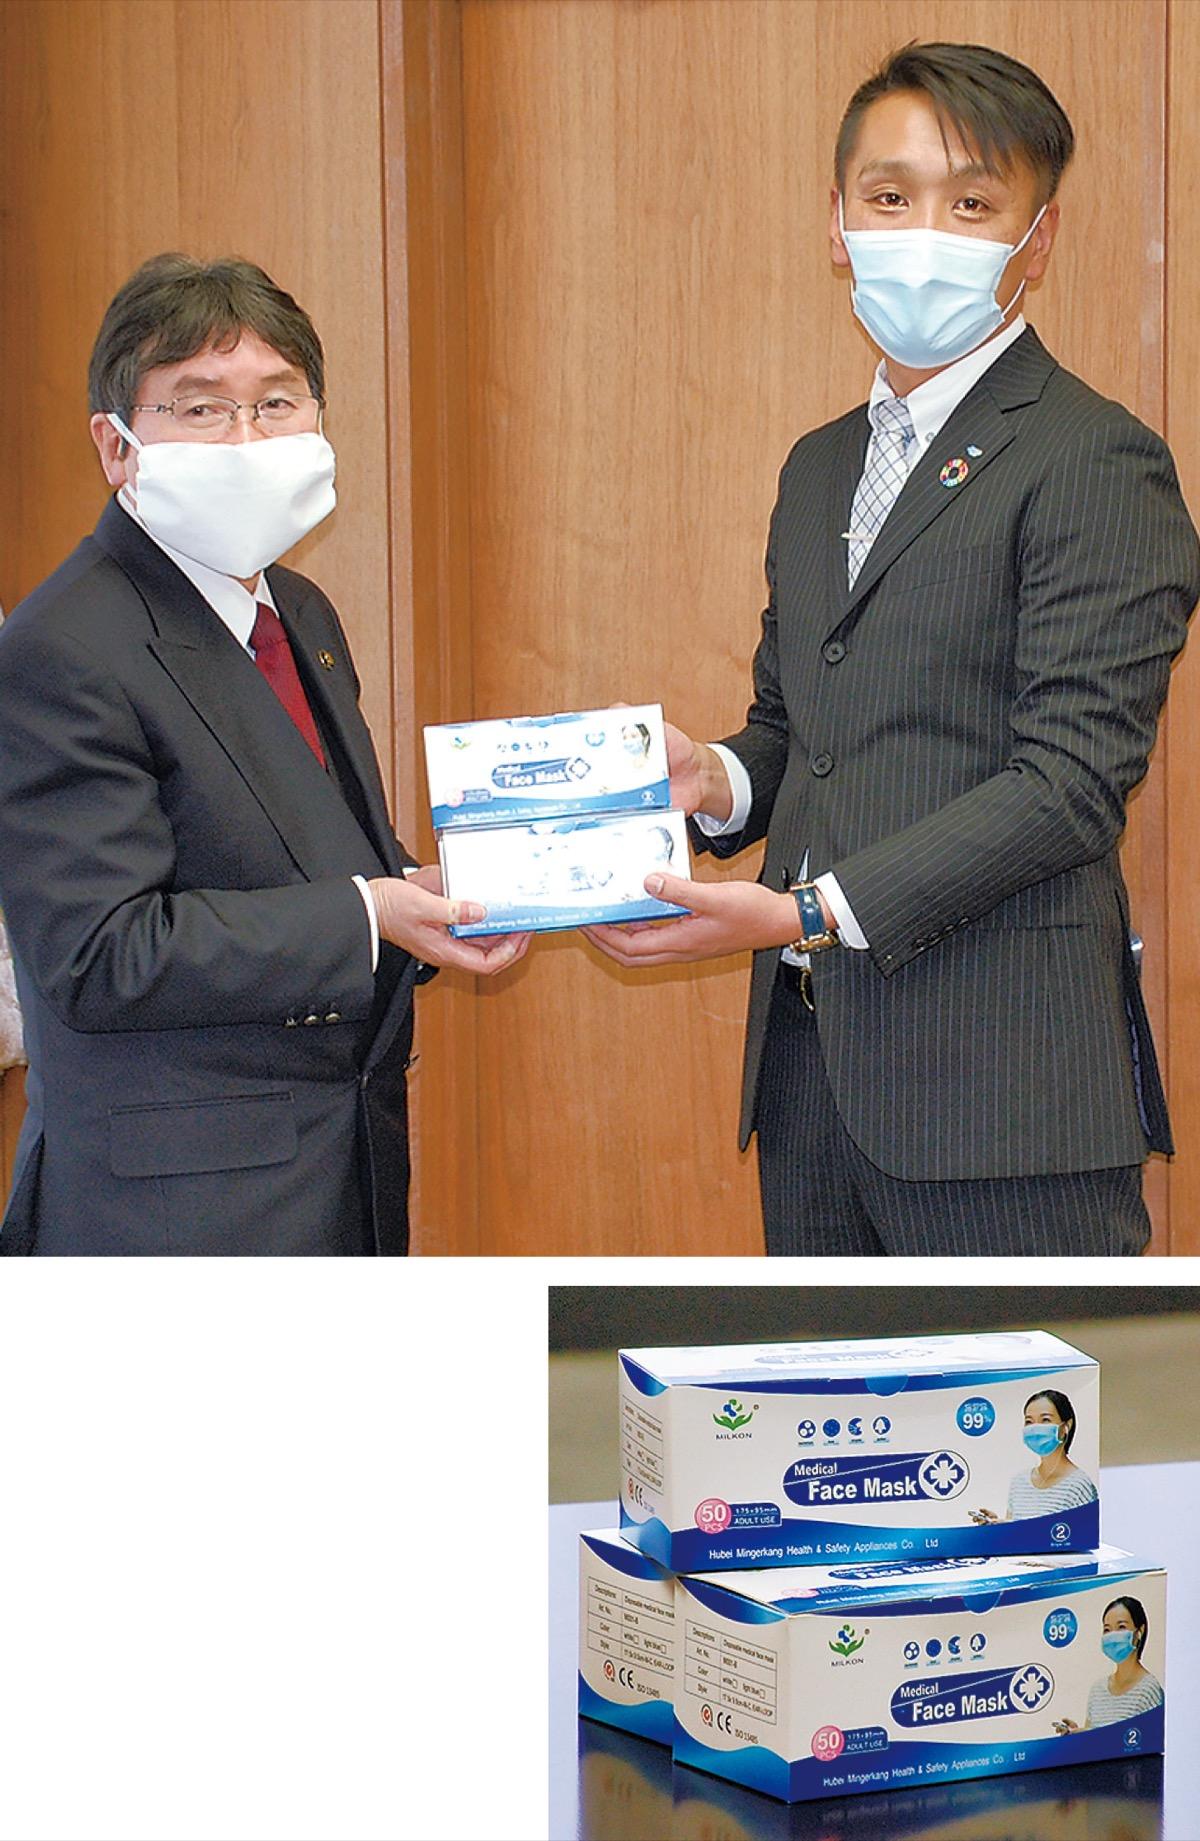 マスク 寄付 したい